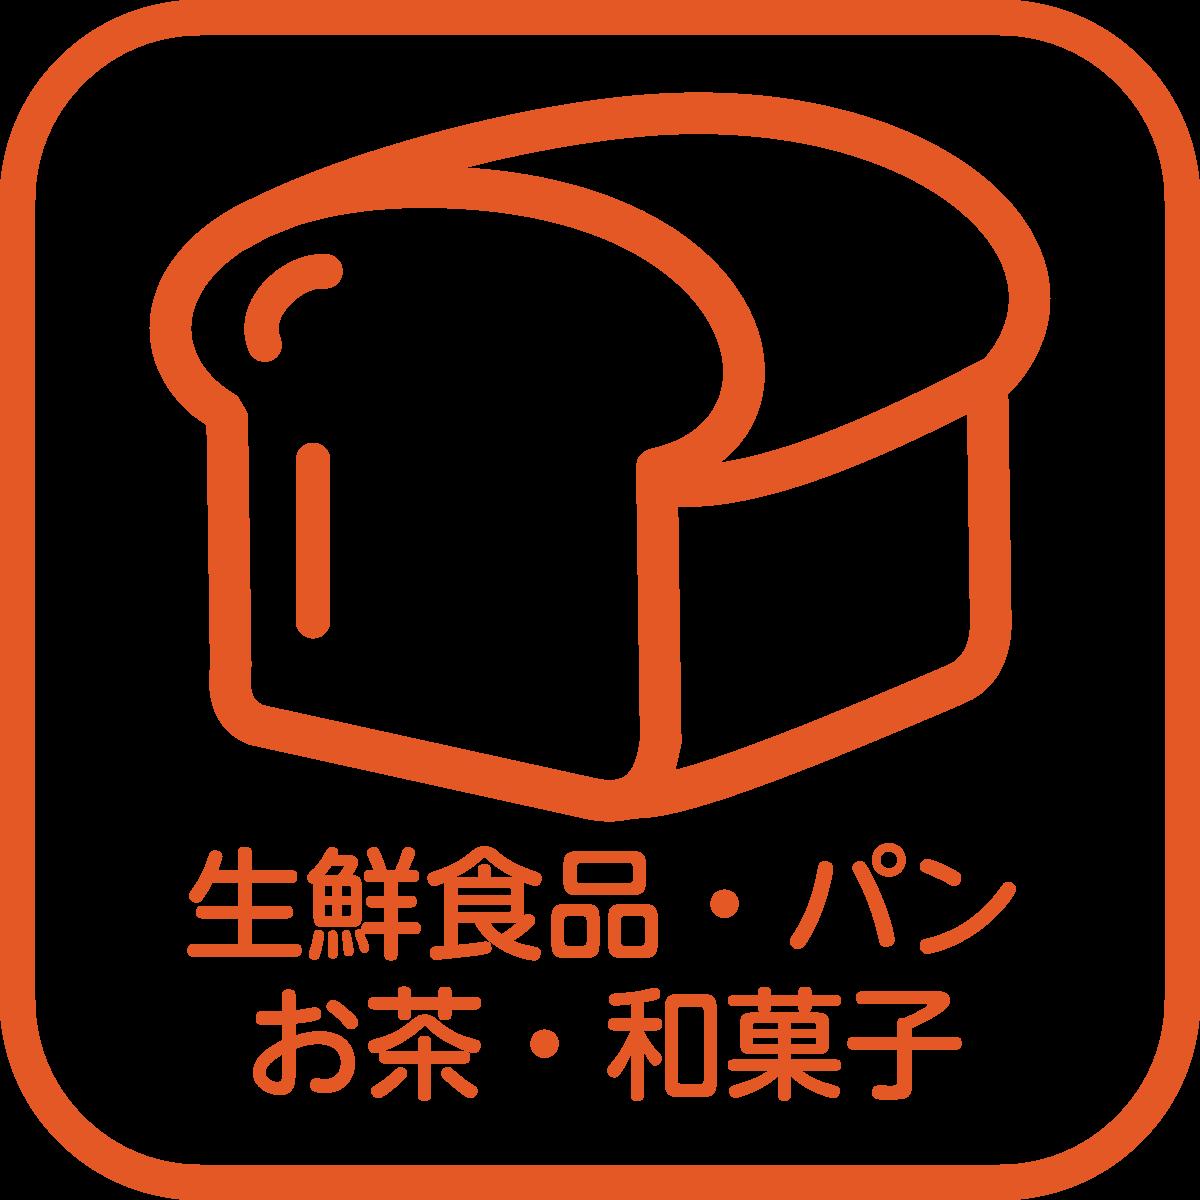 生鮮食品・パン・お茶・和菓子